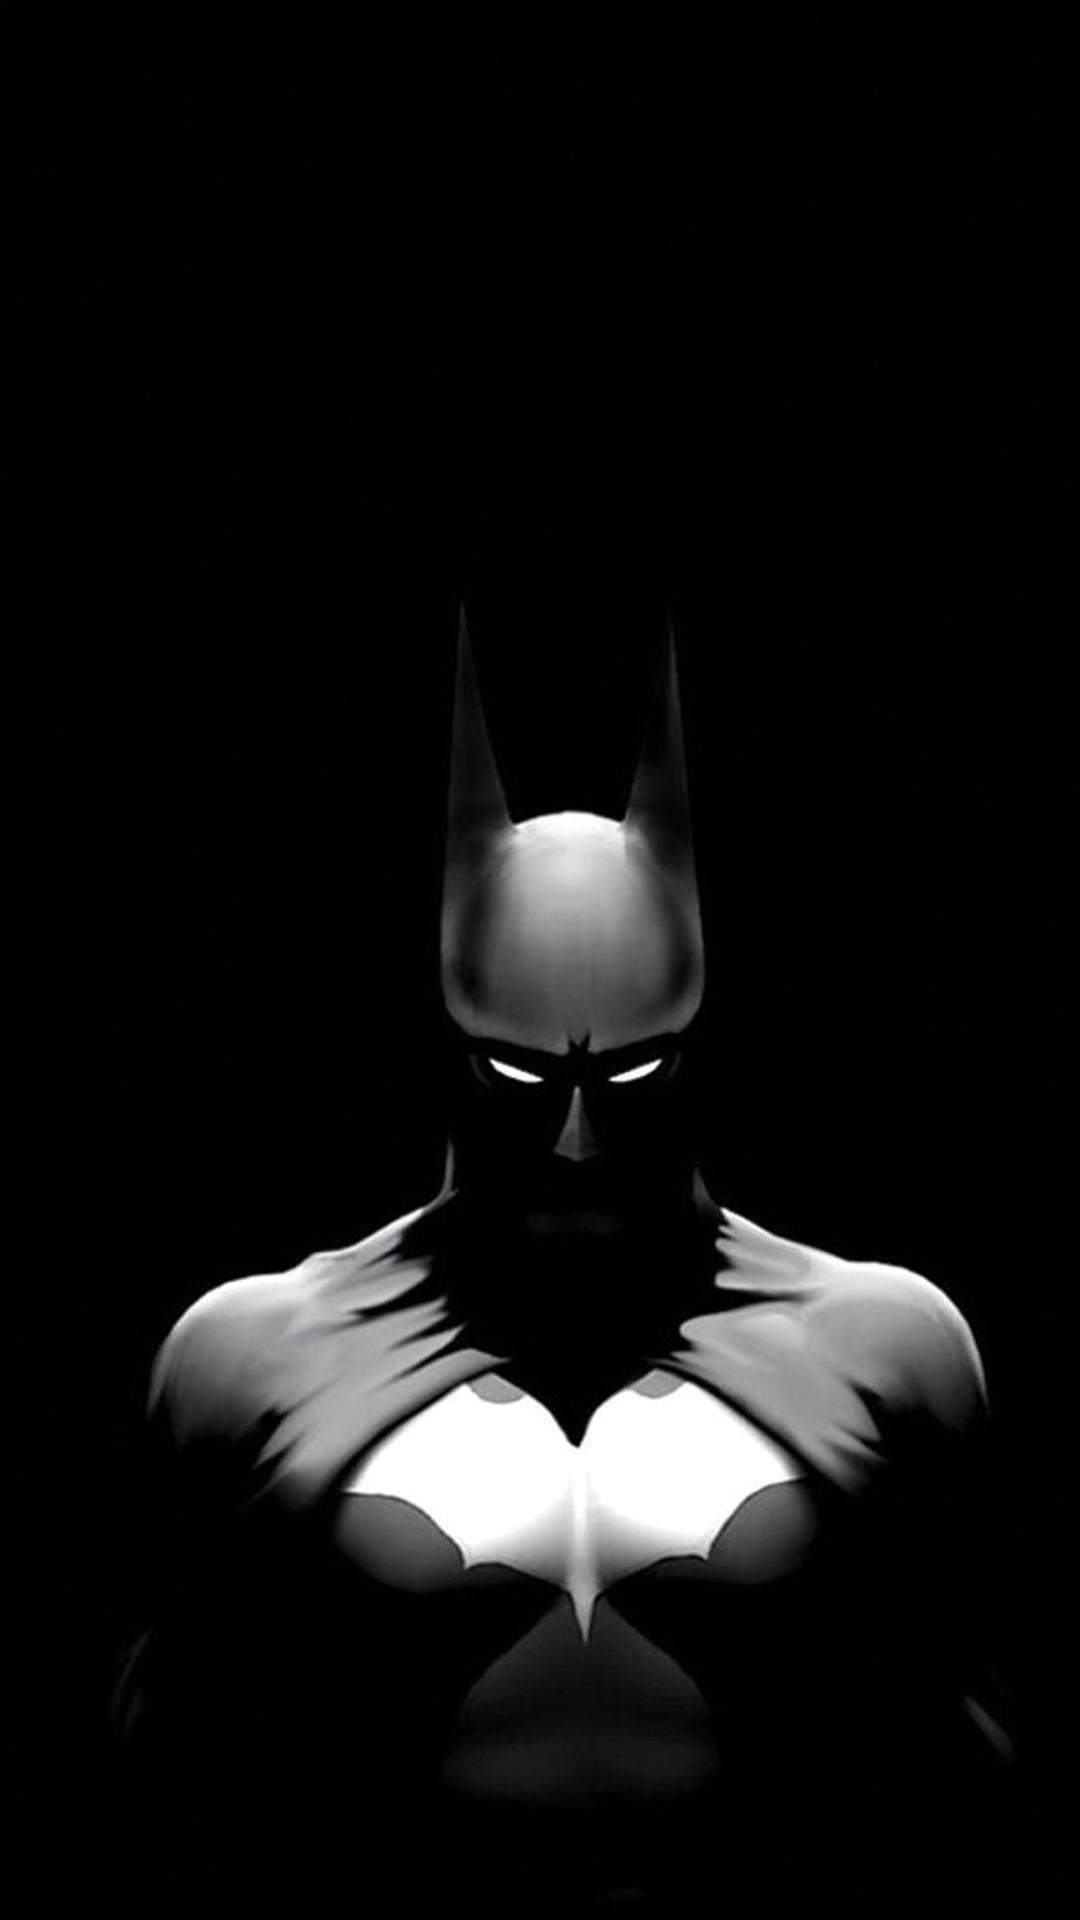 Batman Dark Illustration iPhone 6 Plus HD Wallpaper / iPod Wallpaper .